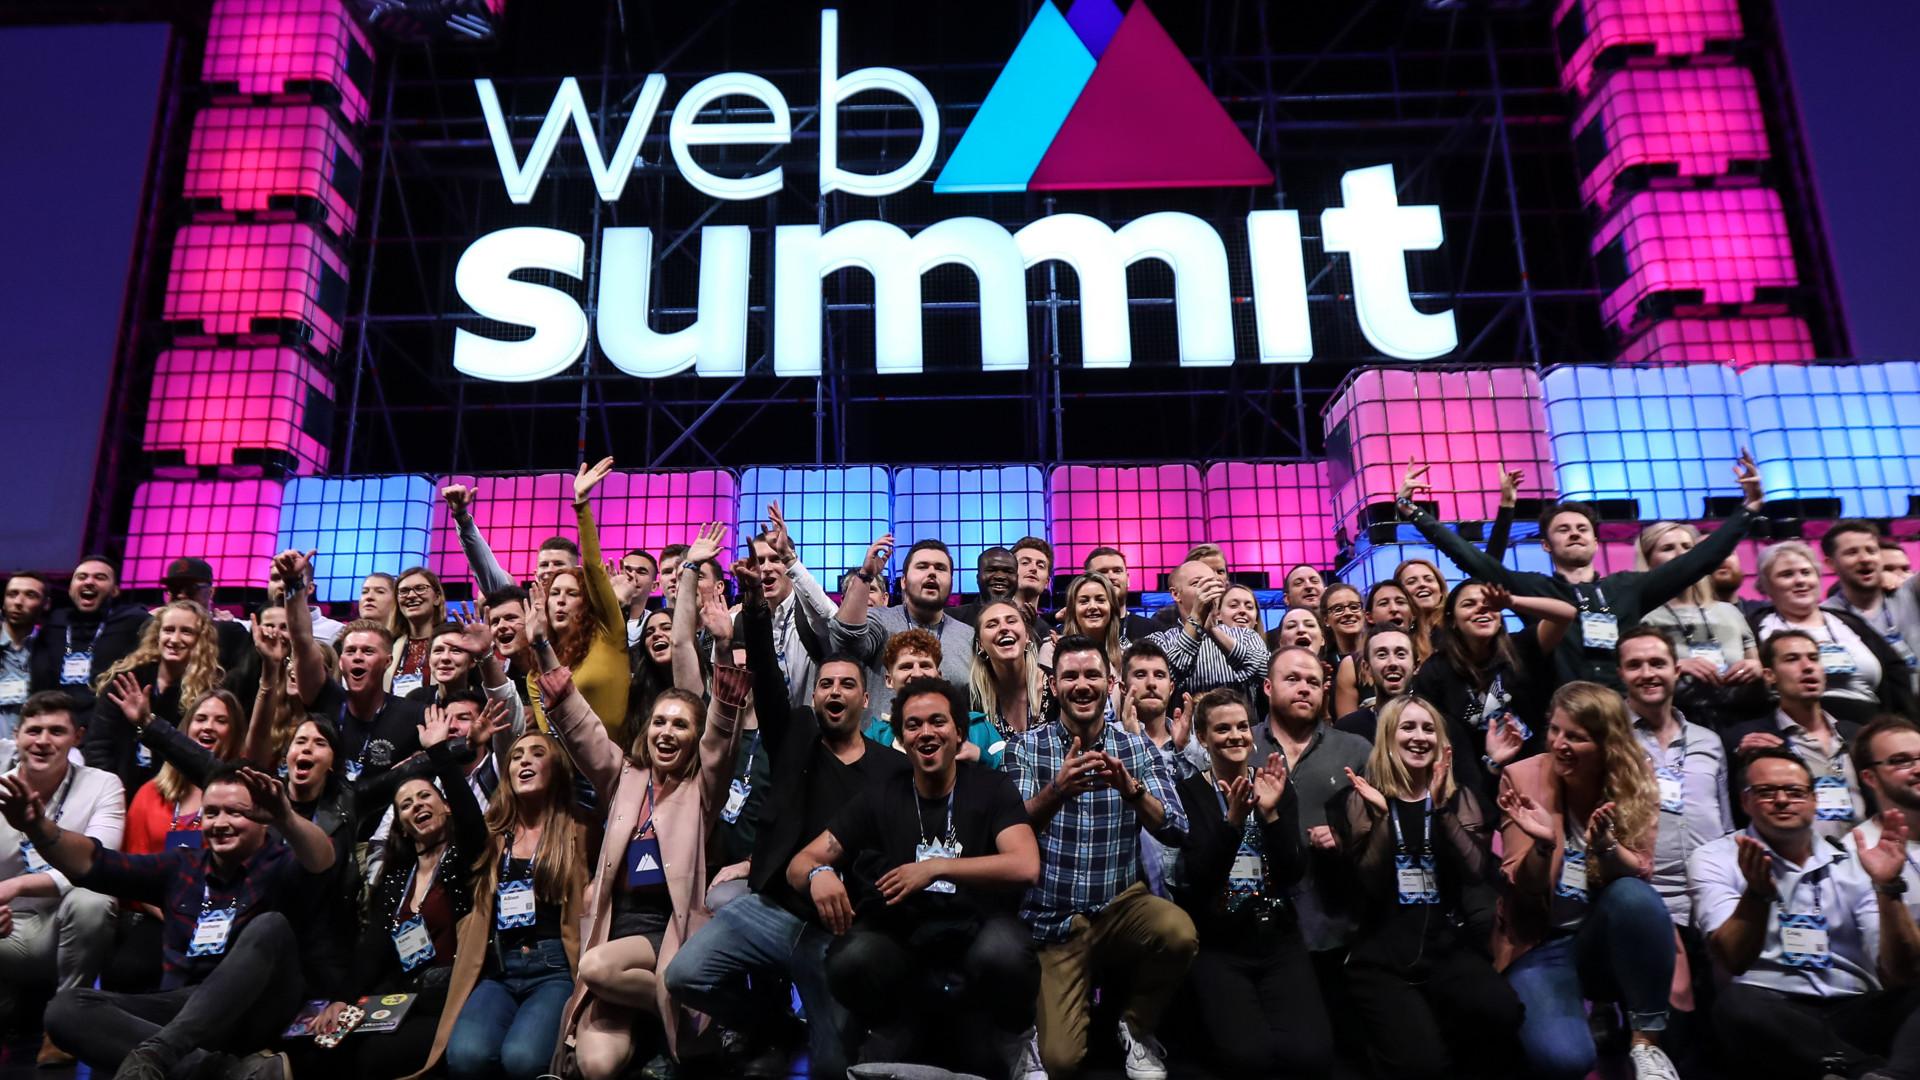 Governo estima impacto da Web Summit de 300 milhões mas pode aumentar